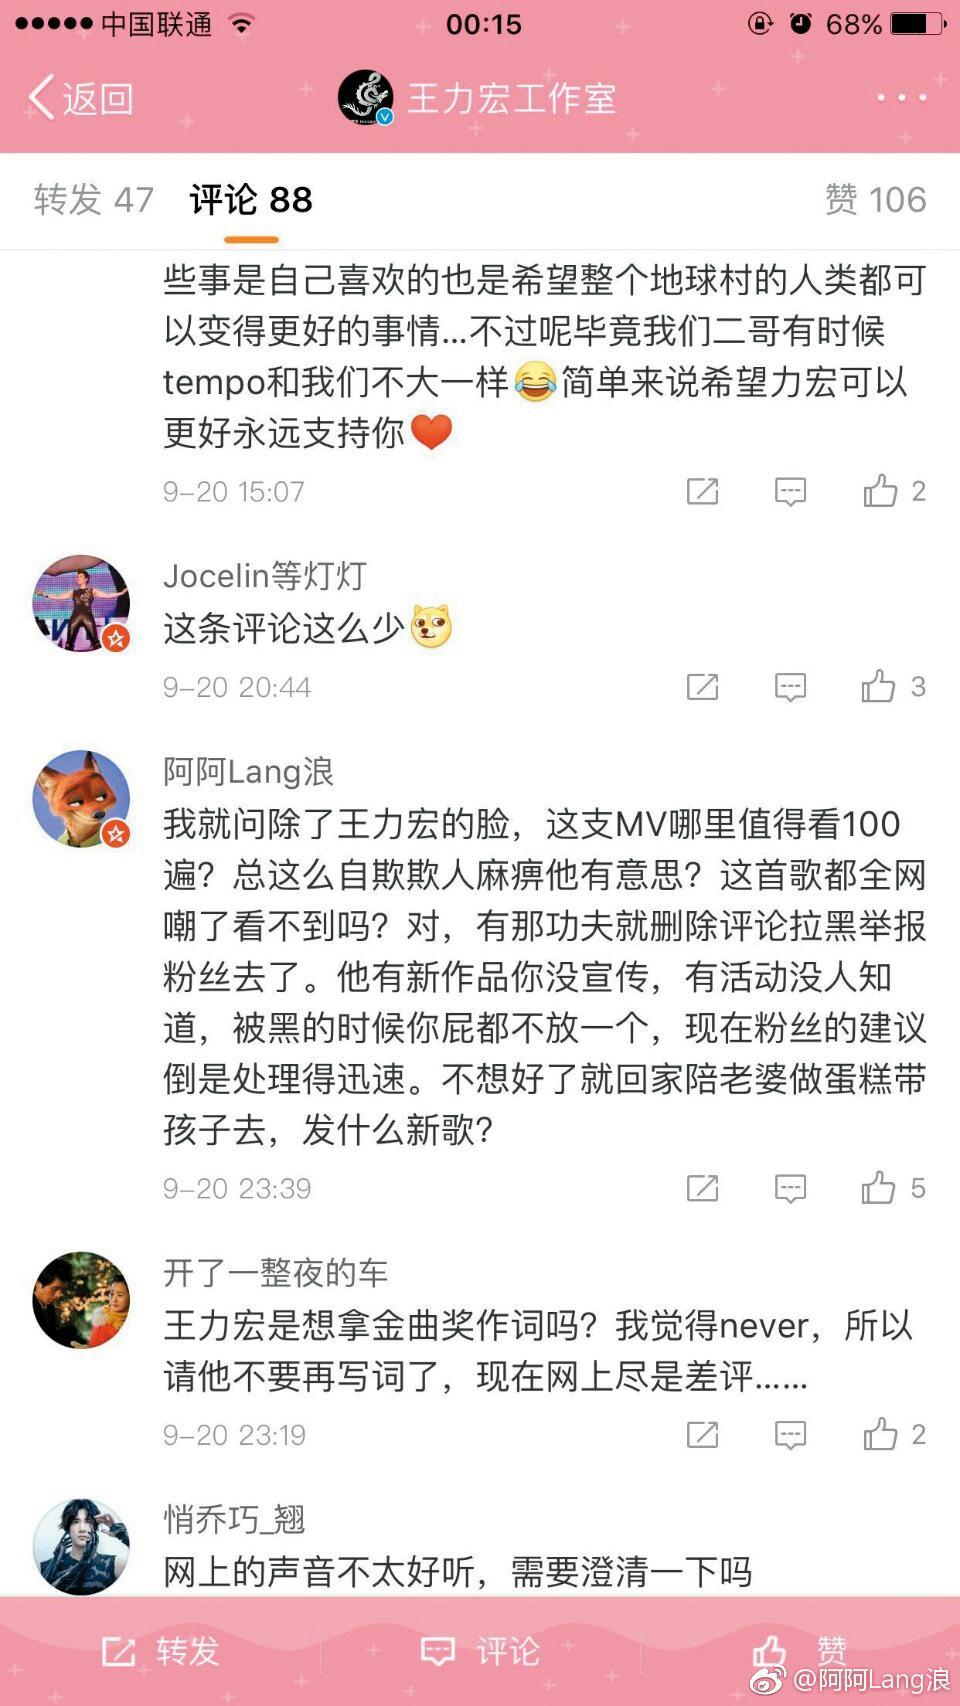 歌迷在網路上抨擊李靚蕾刪文舉報留言,火力全開極為不滿。(翻攝自阿阿Lang浪微博)